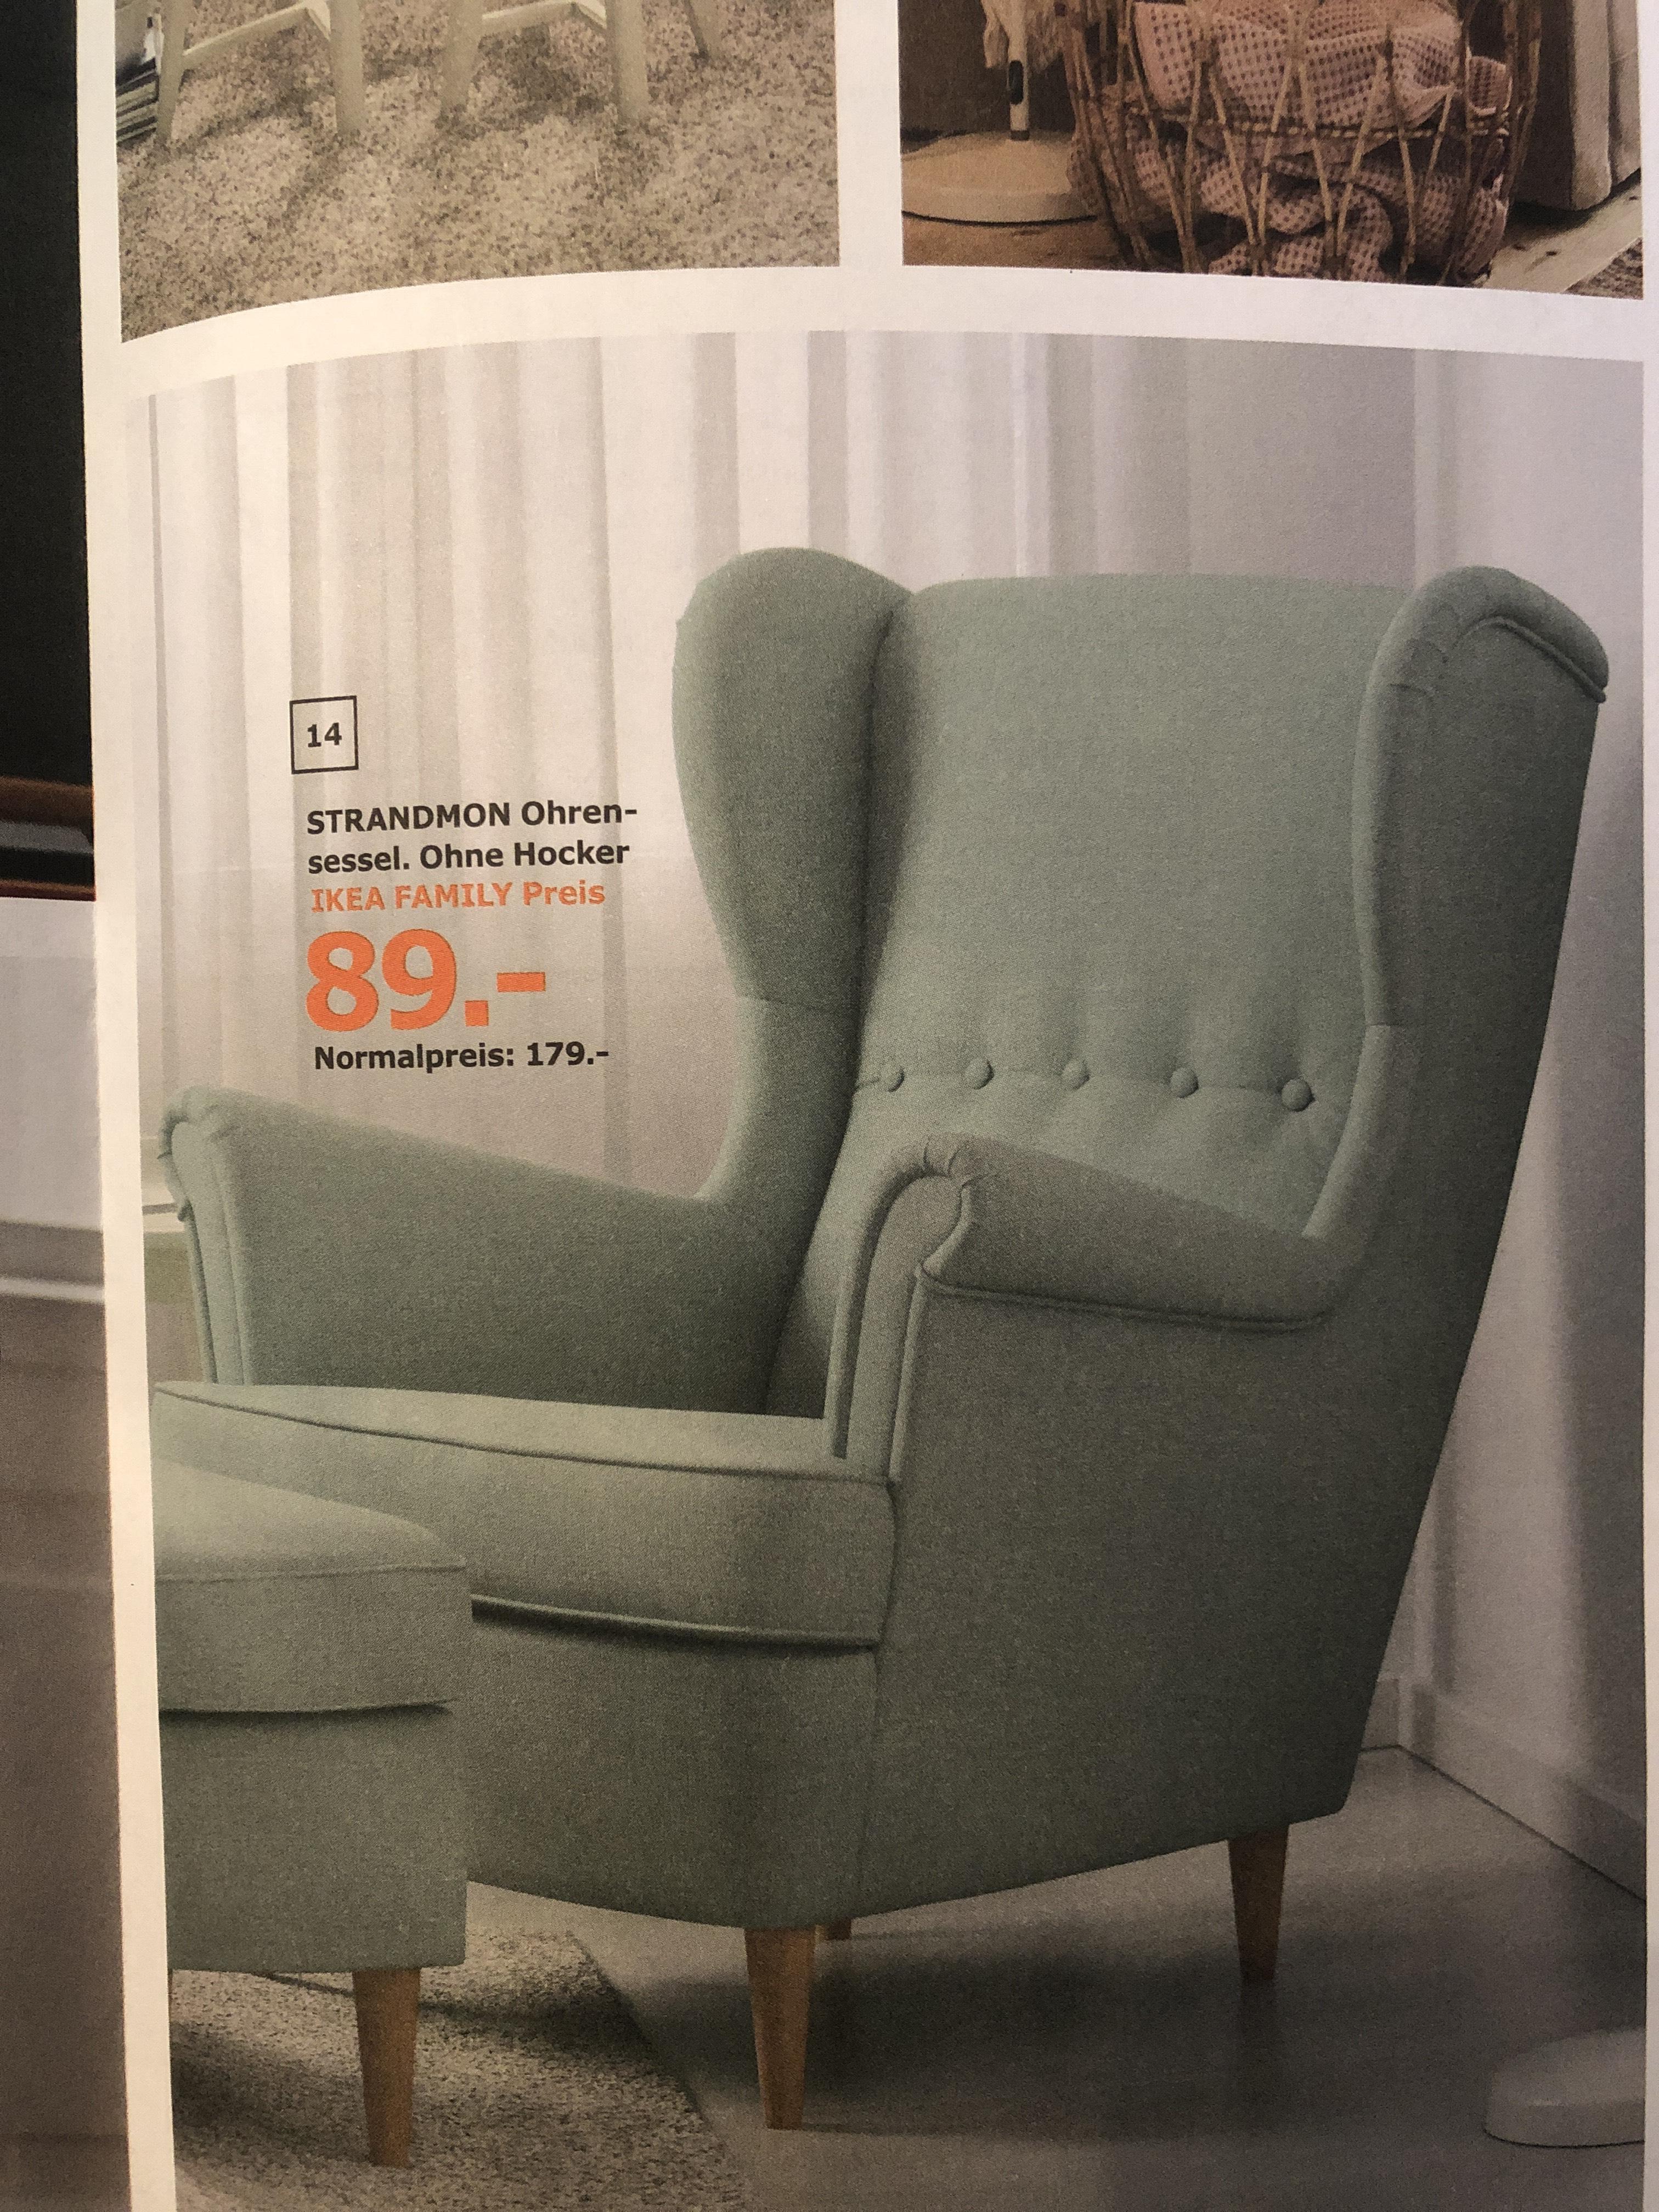 Ggf. Lokal] IKEA Strandmon Family Preis: 89,00 - Farbe ...